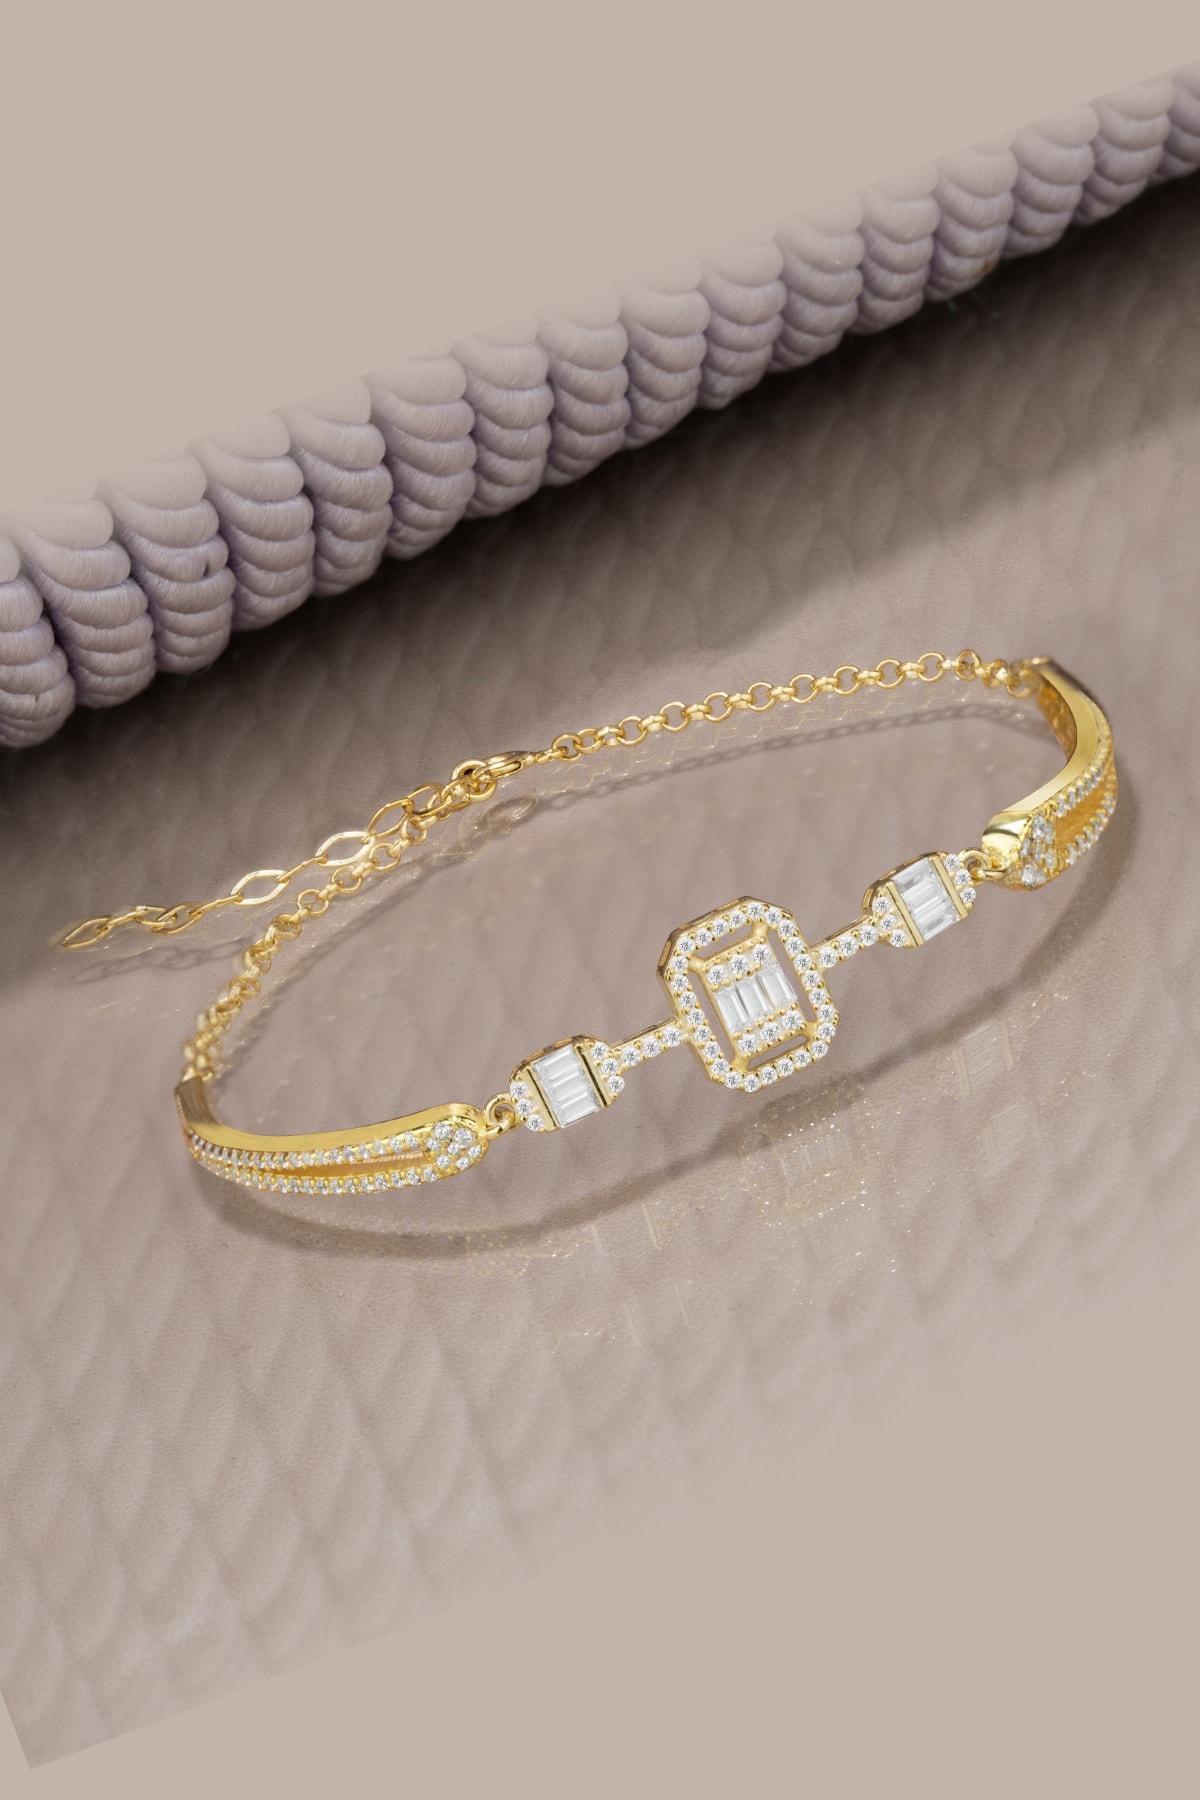 Else Silver Kadın Sarı Tria Baget Taşlı Kelepçe Modeli 925 Ayar Gümüş Bileklik 1